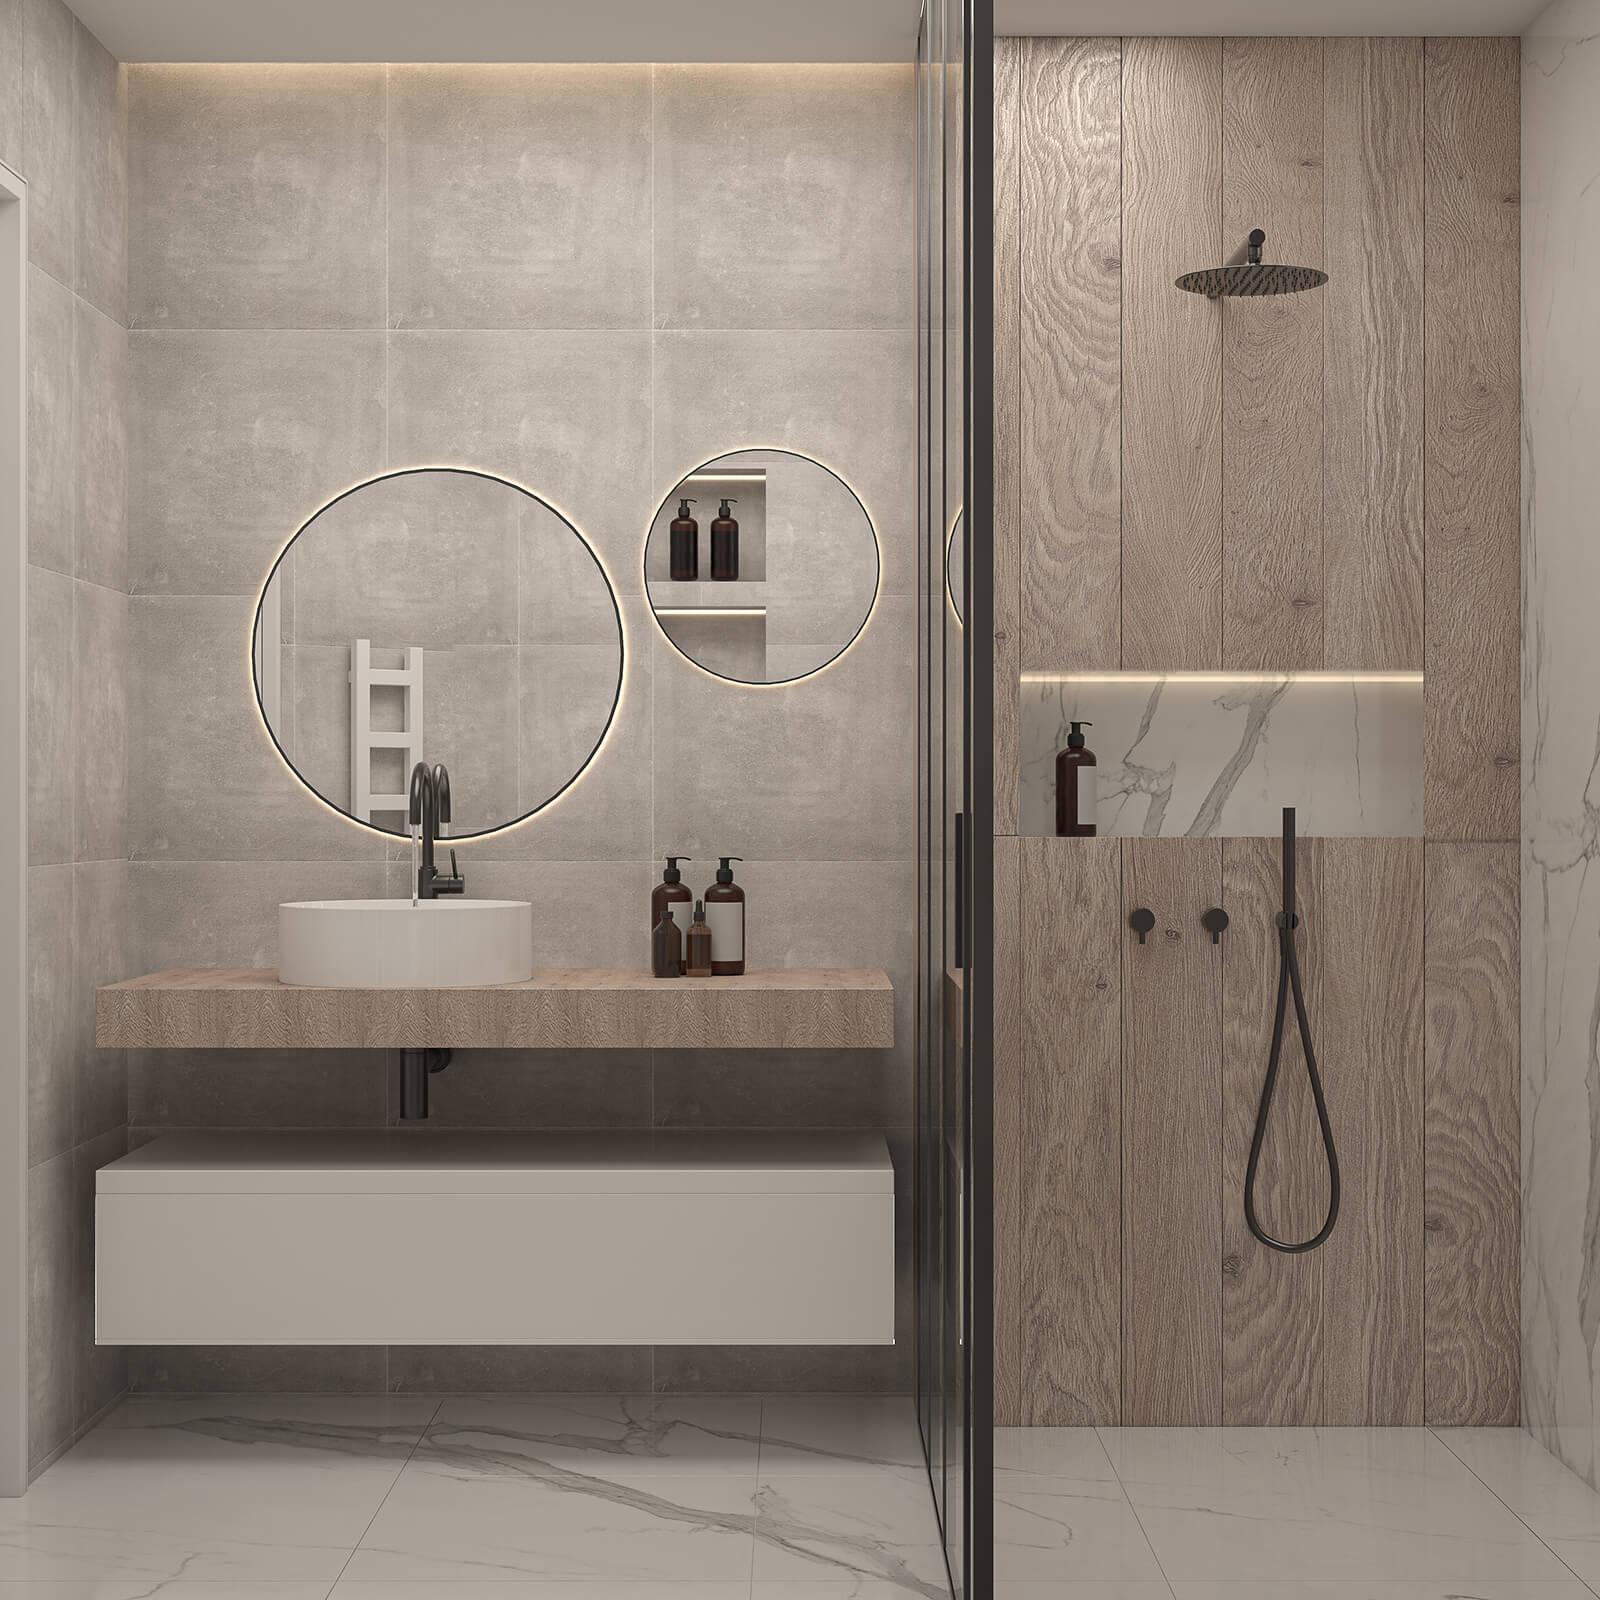 interioren-dizain-proekt-na-banya-ot-proekt-anika